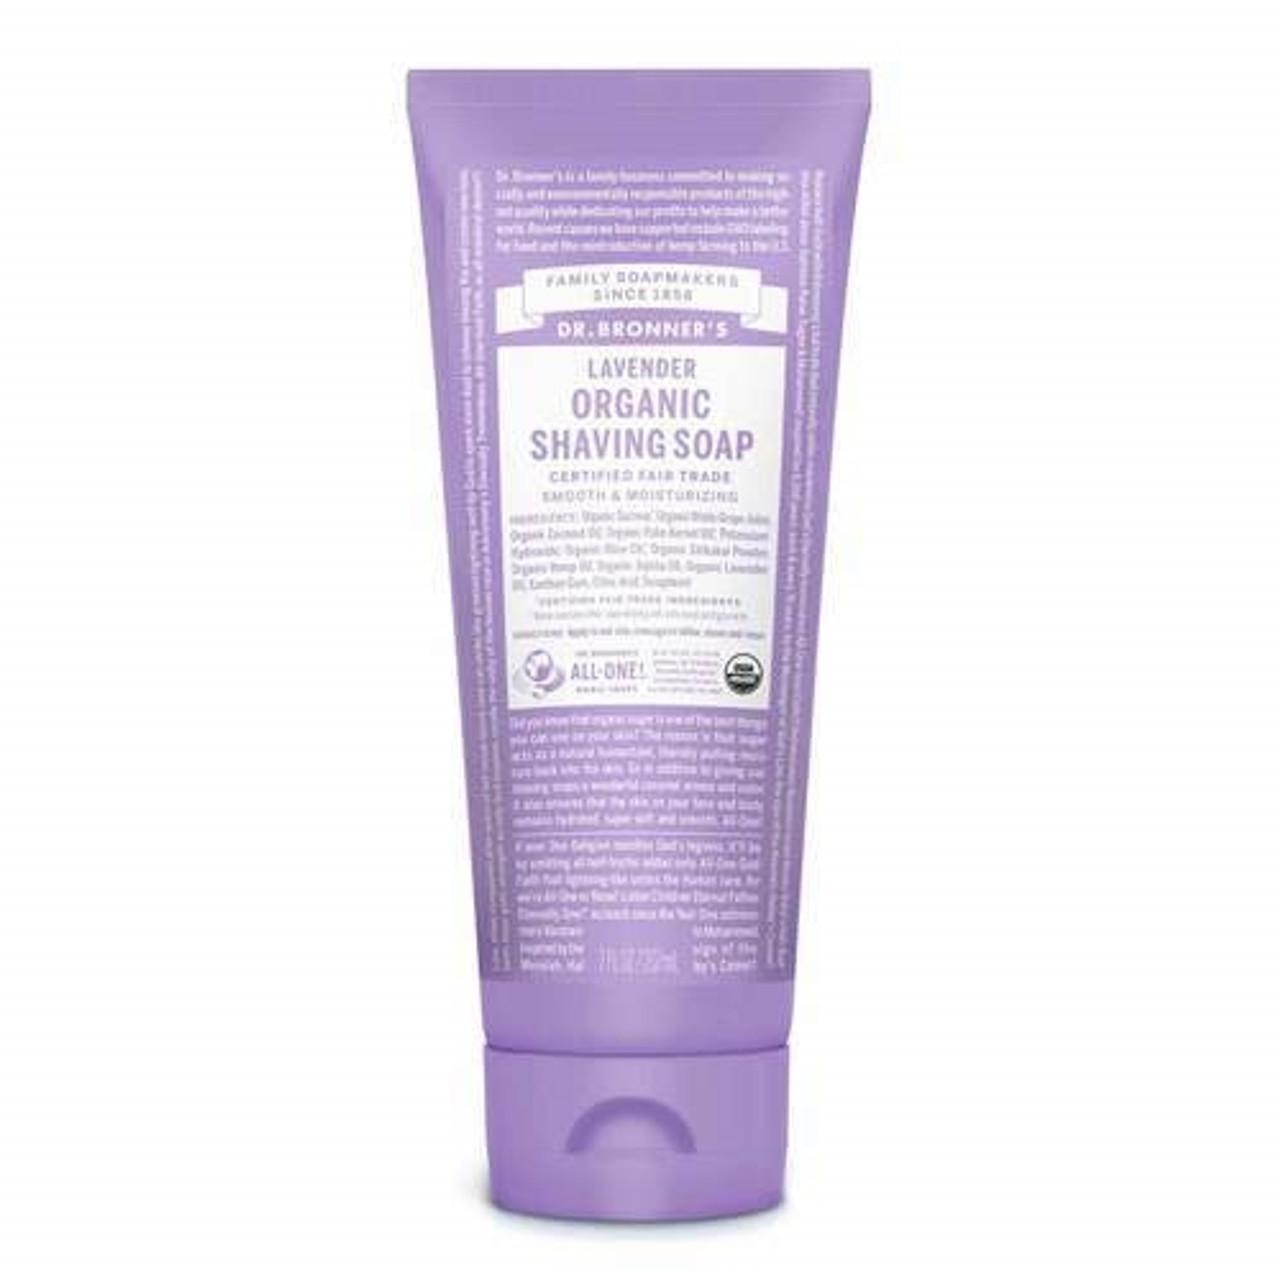 Dr. Bronner's  Organic Shaving Soap - Lavender